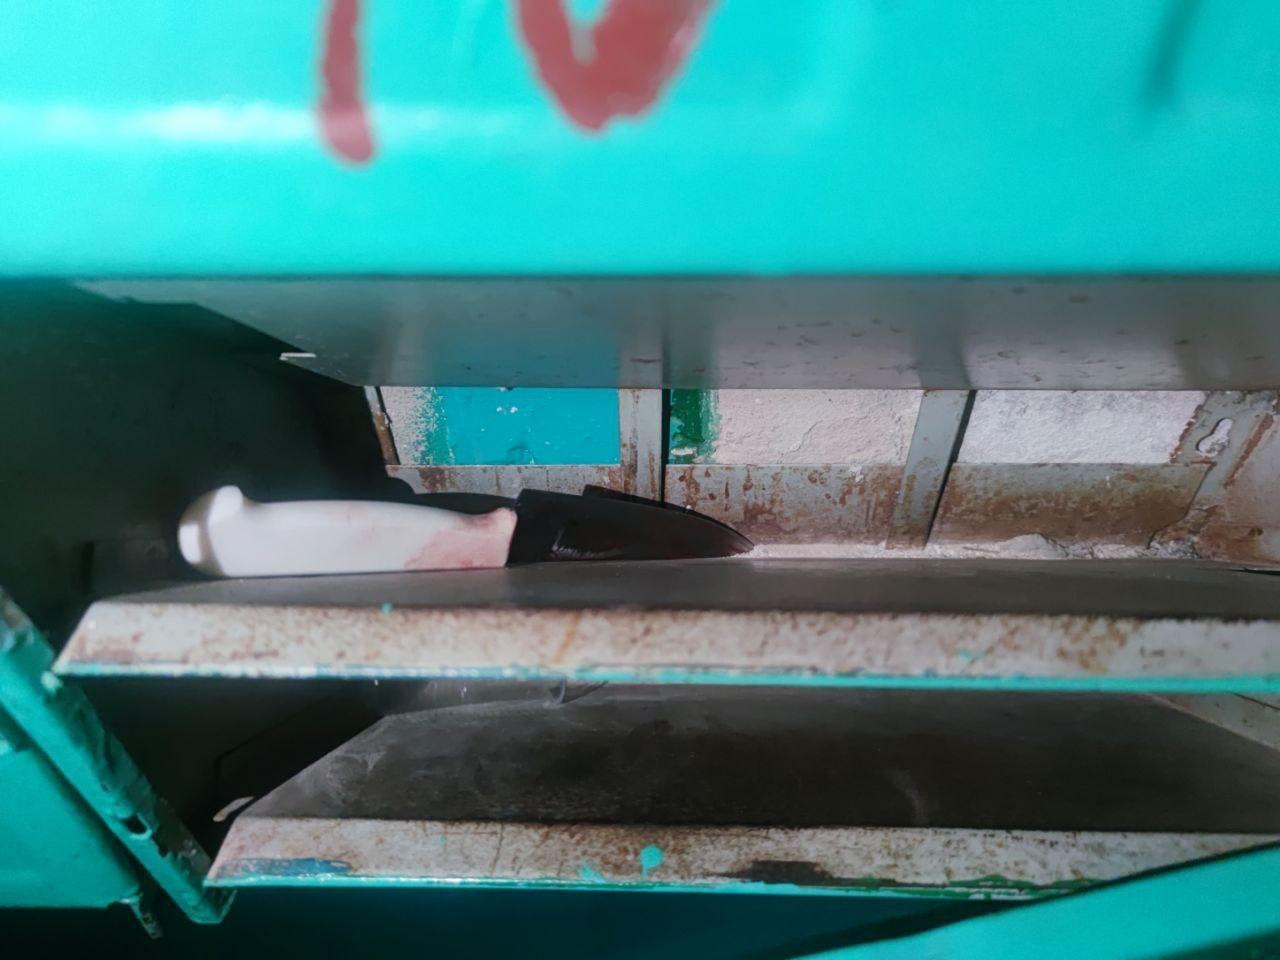 Порізав сусіда та викинув ніж у поштову скриньку: у Чернігові затримали чоловіка за замах на вбивство